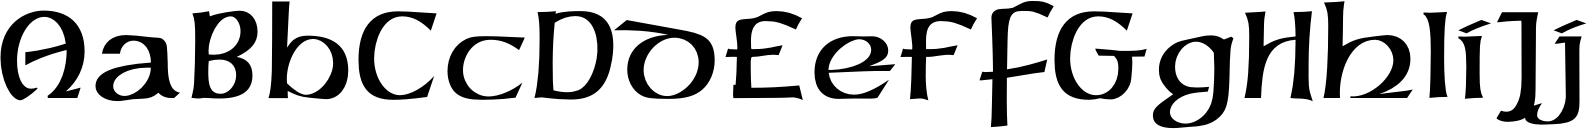 Clc Uncial